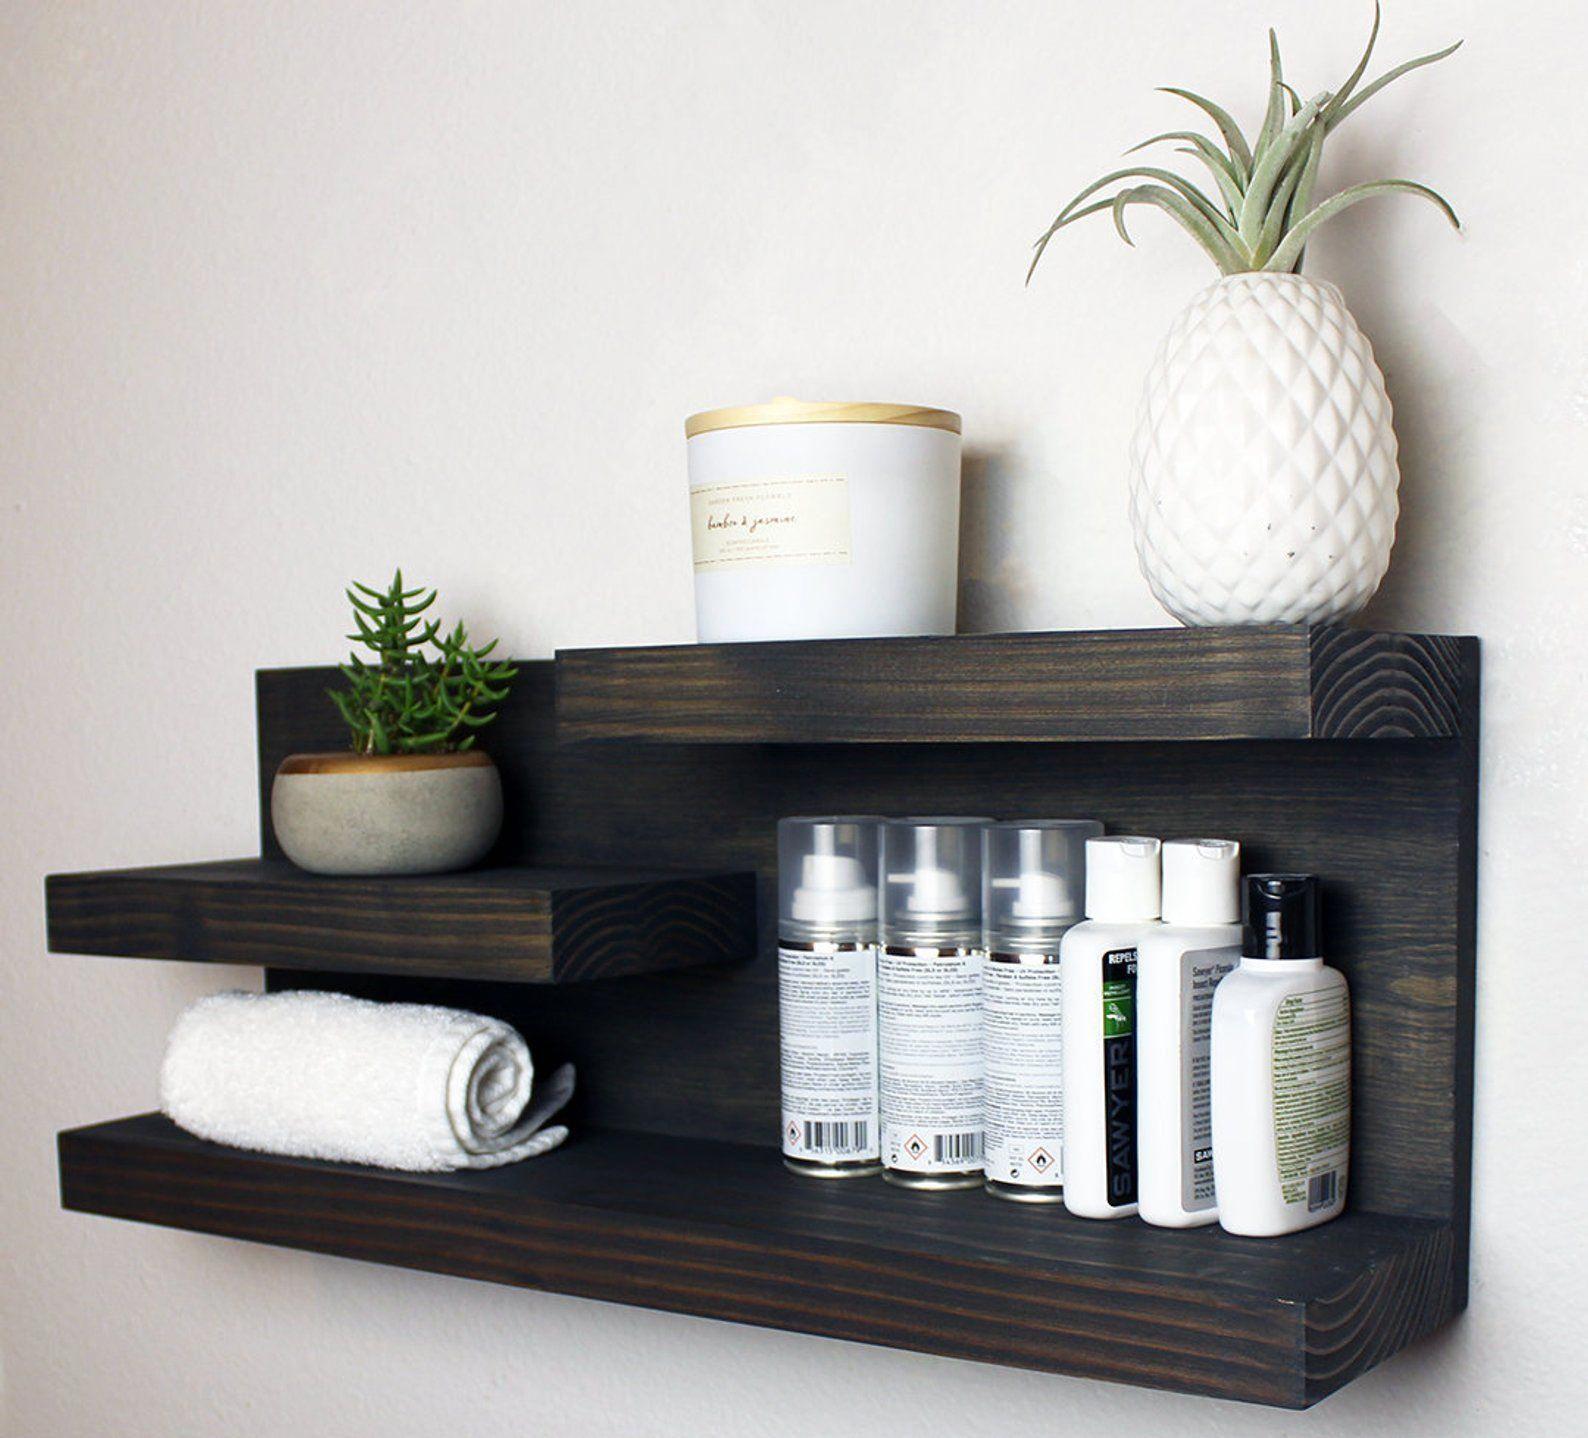 Bathroom Shelf Storage Organizer Farmhouse Country Rustic   Etsy